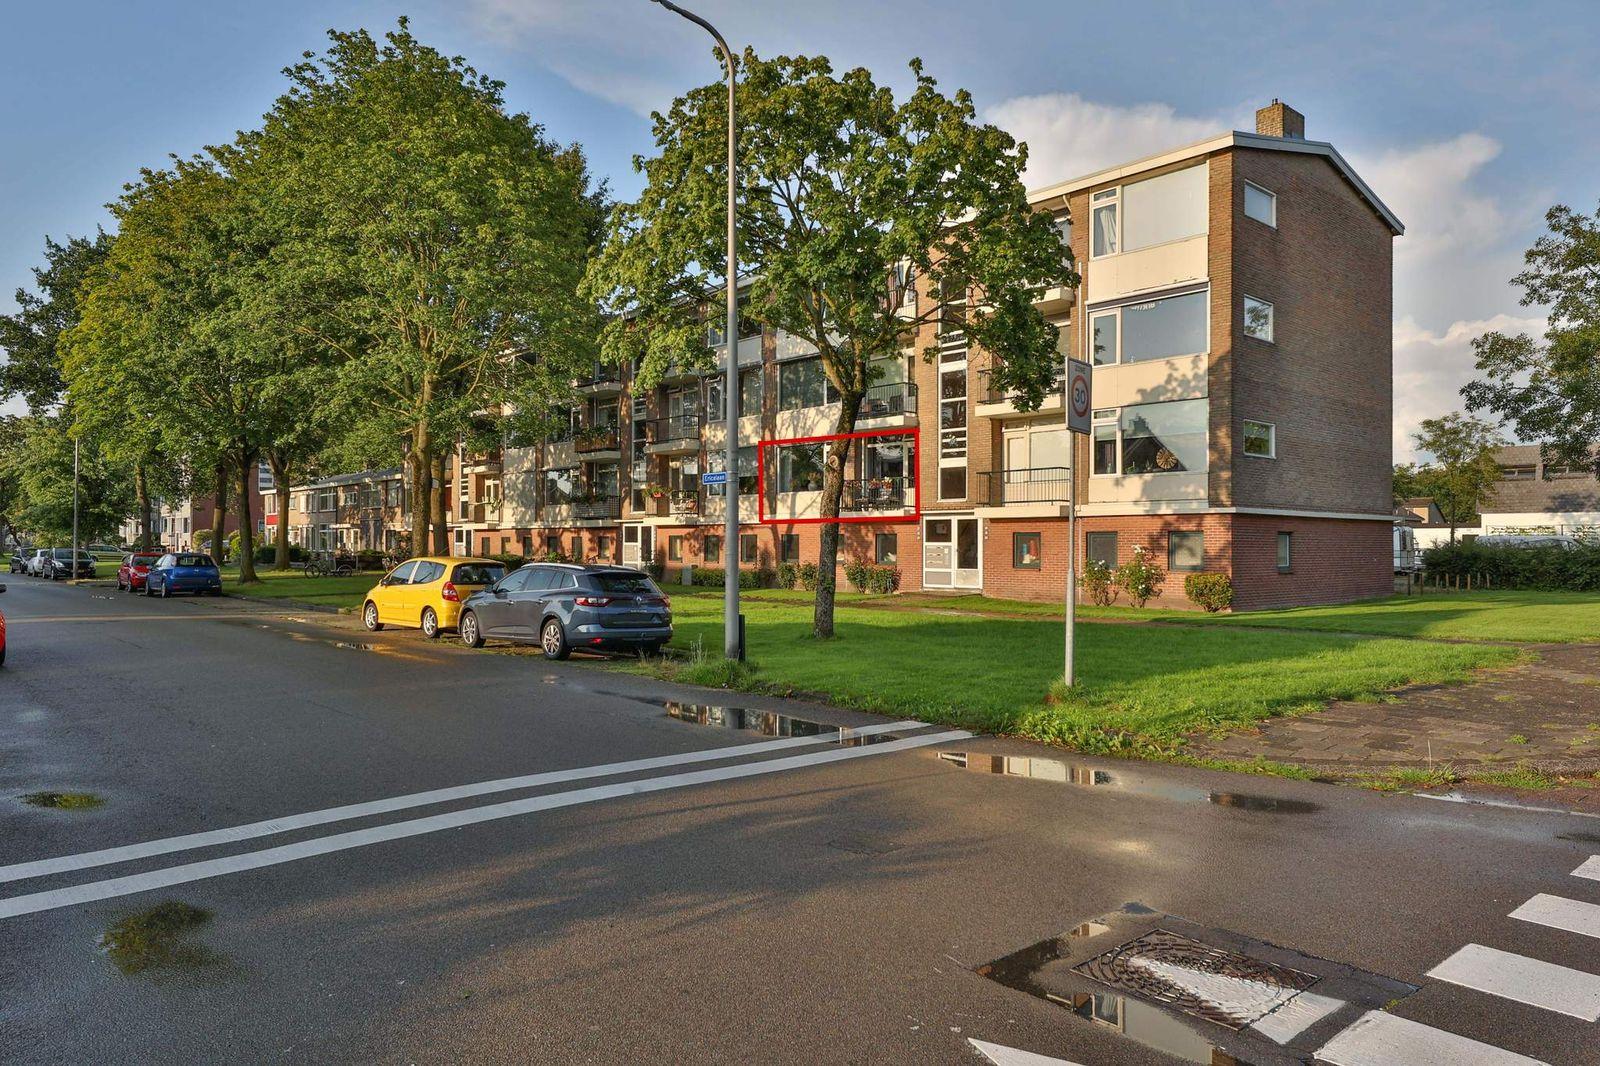 Ericalaan 123, Hoogeveen